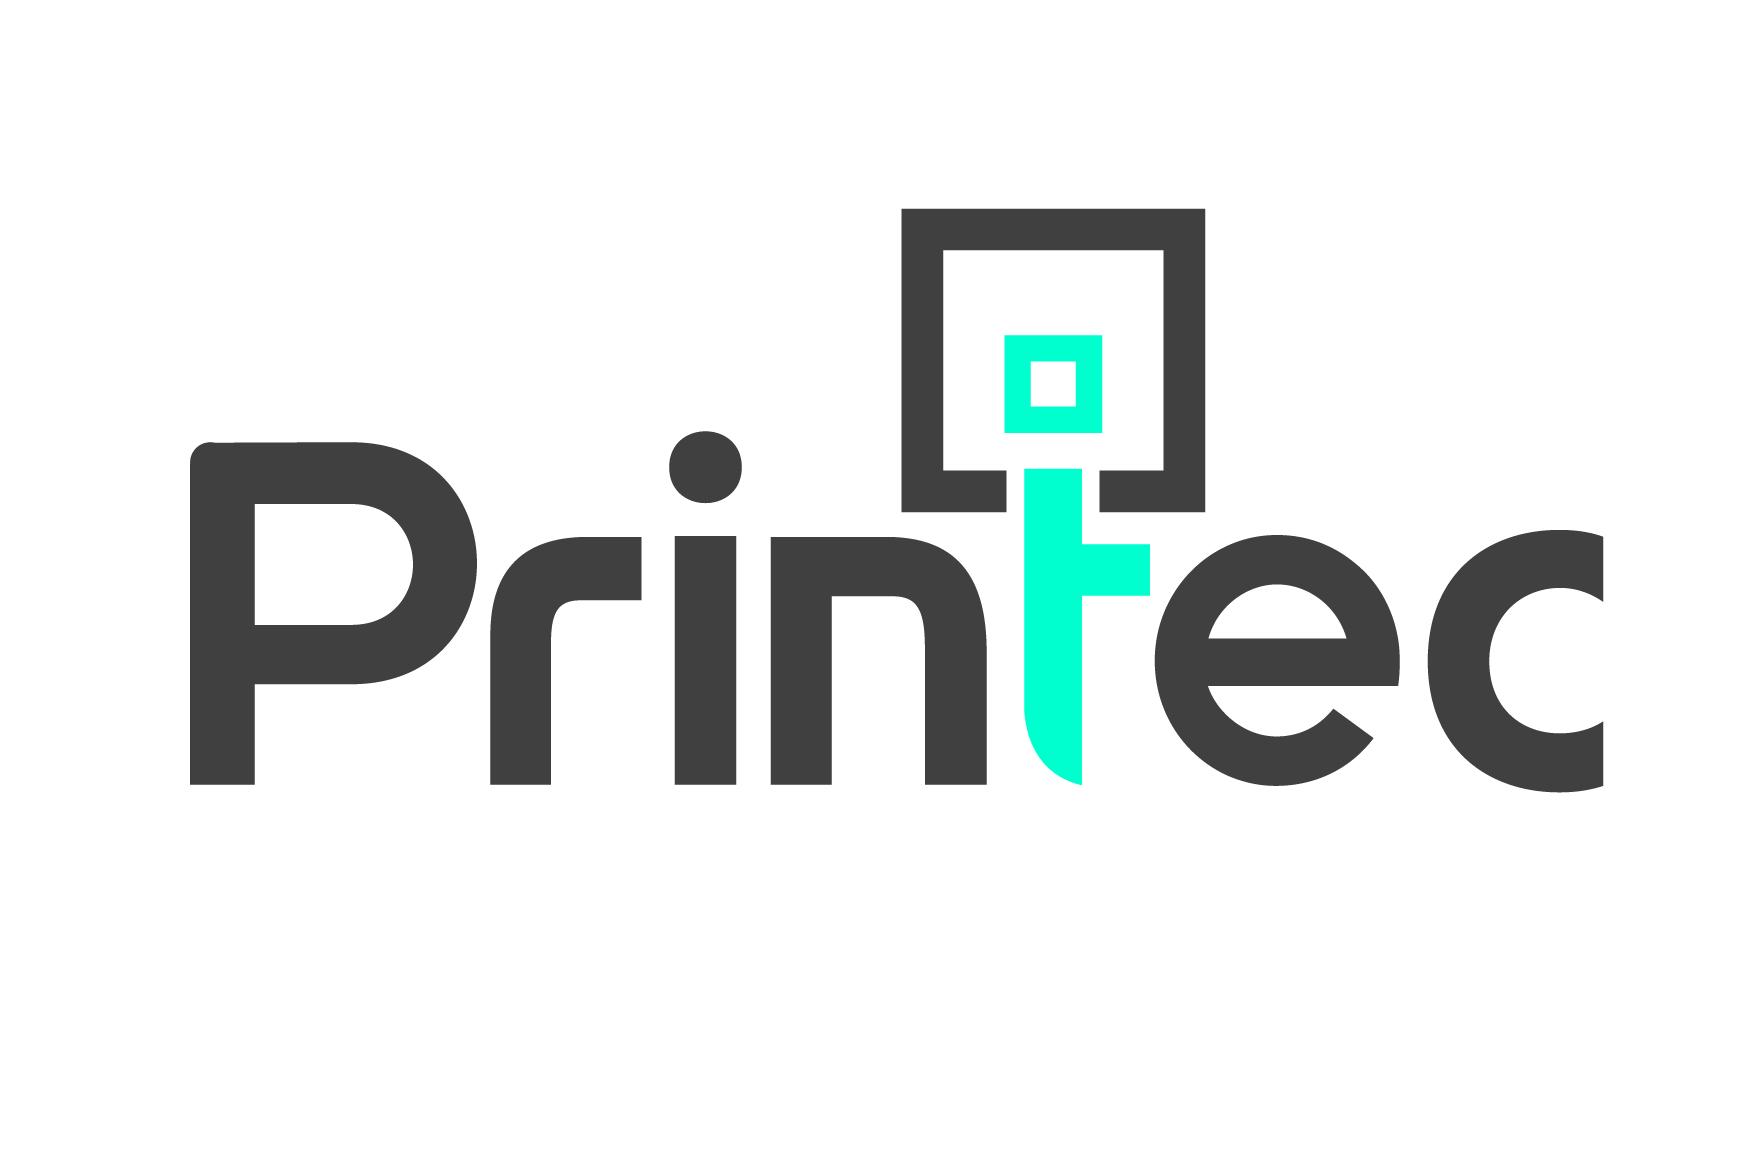 H Printec συνεργάζεται με την ΑΒ Βασιλόπουλος και δημιουργεί επαναφορτιζόμενες κάρτες AB